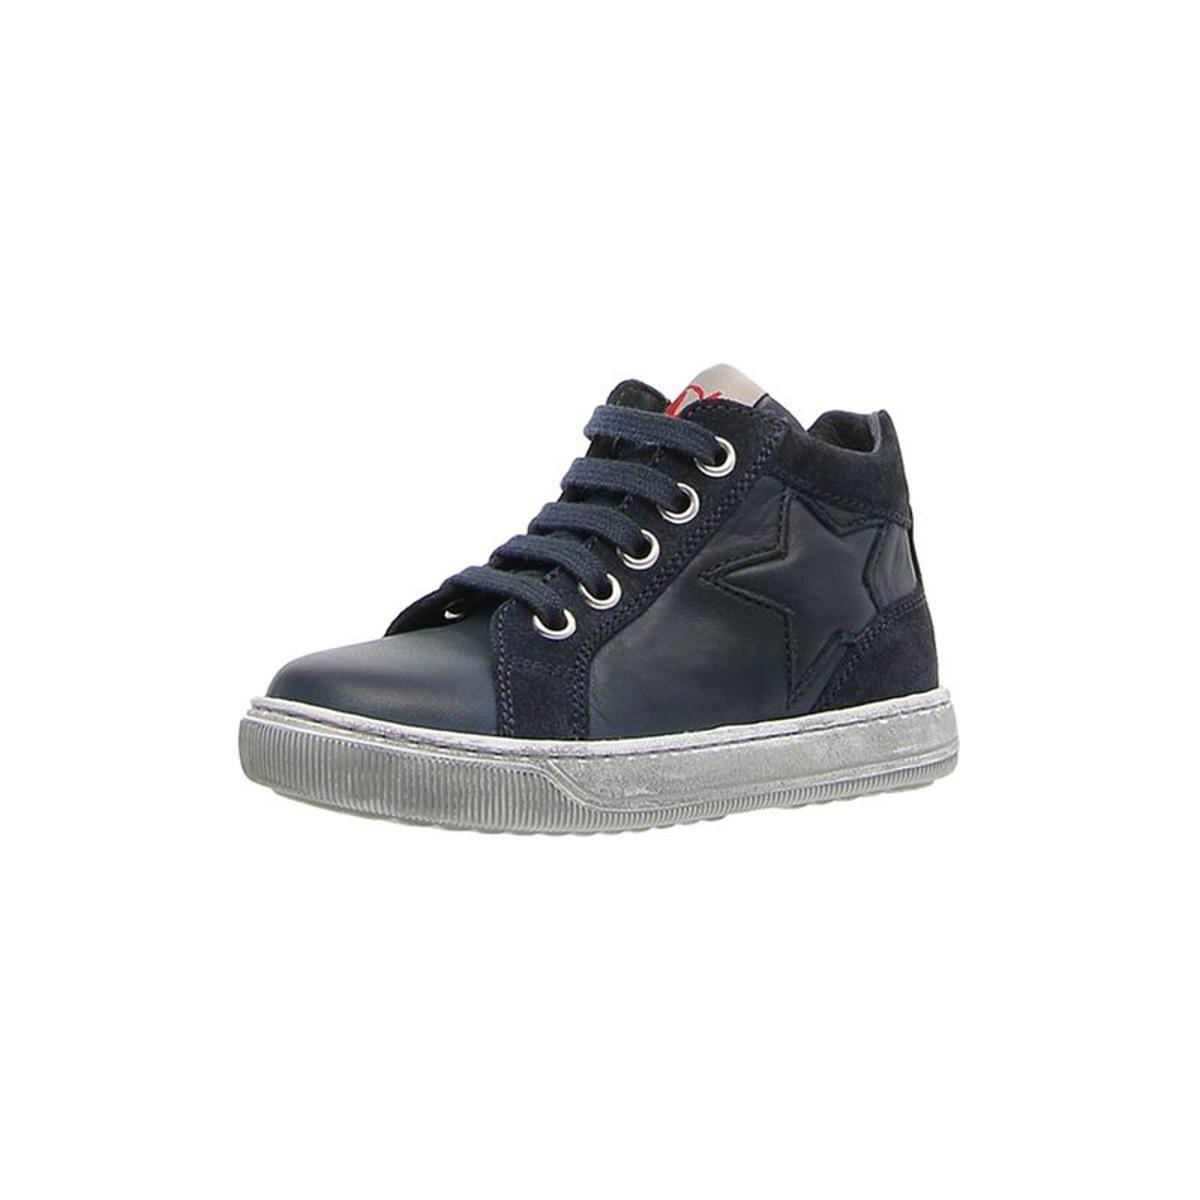 CLAY STAR - Sneakers en cuir